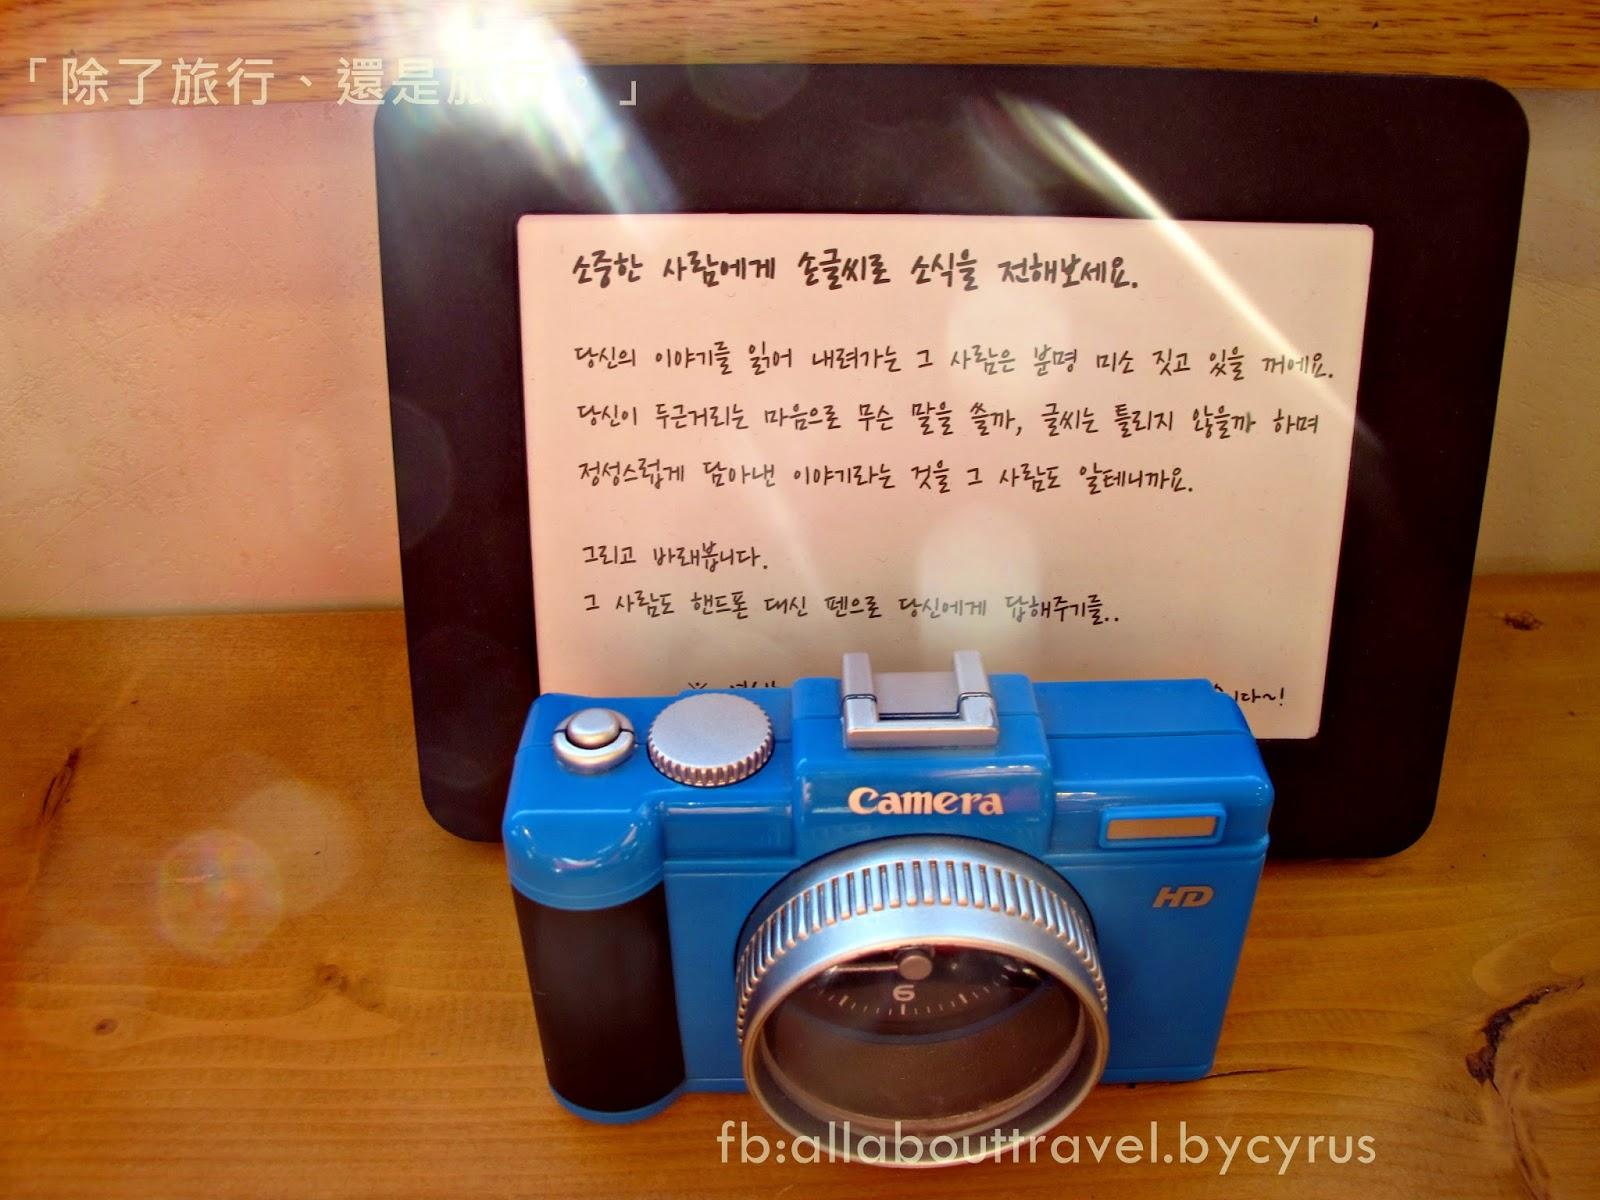 韓國自由行夢想之旅21